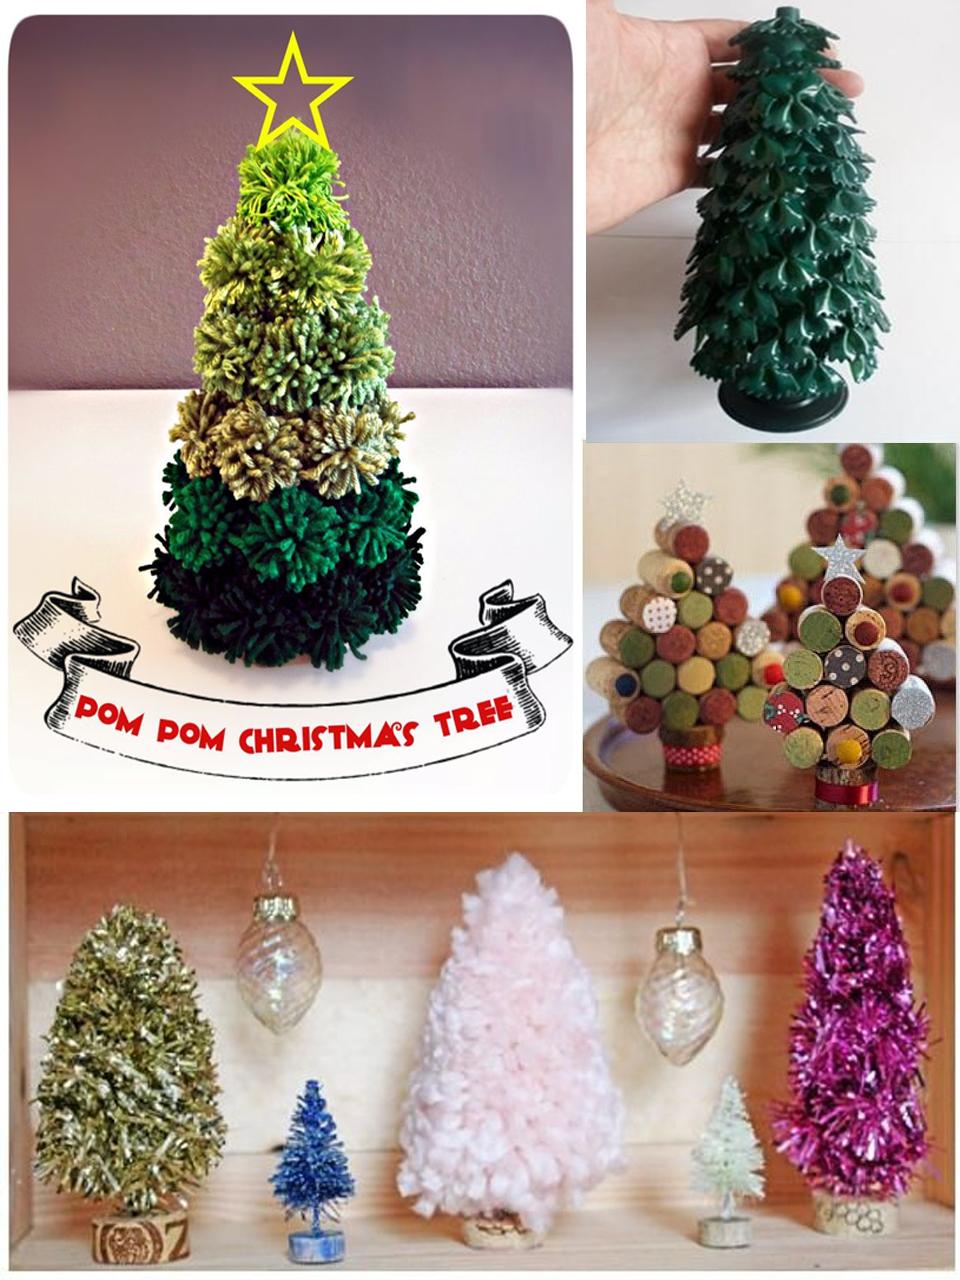 Decoraci n navide a manualidades - Decorar casa navidad manualidades ...